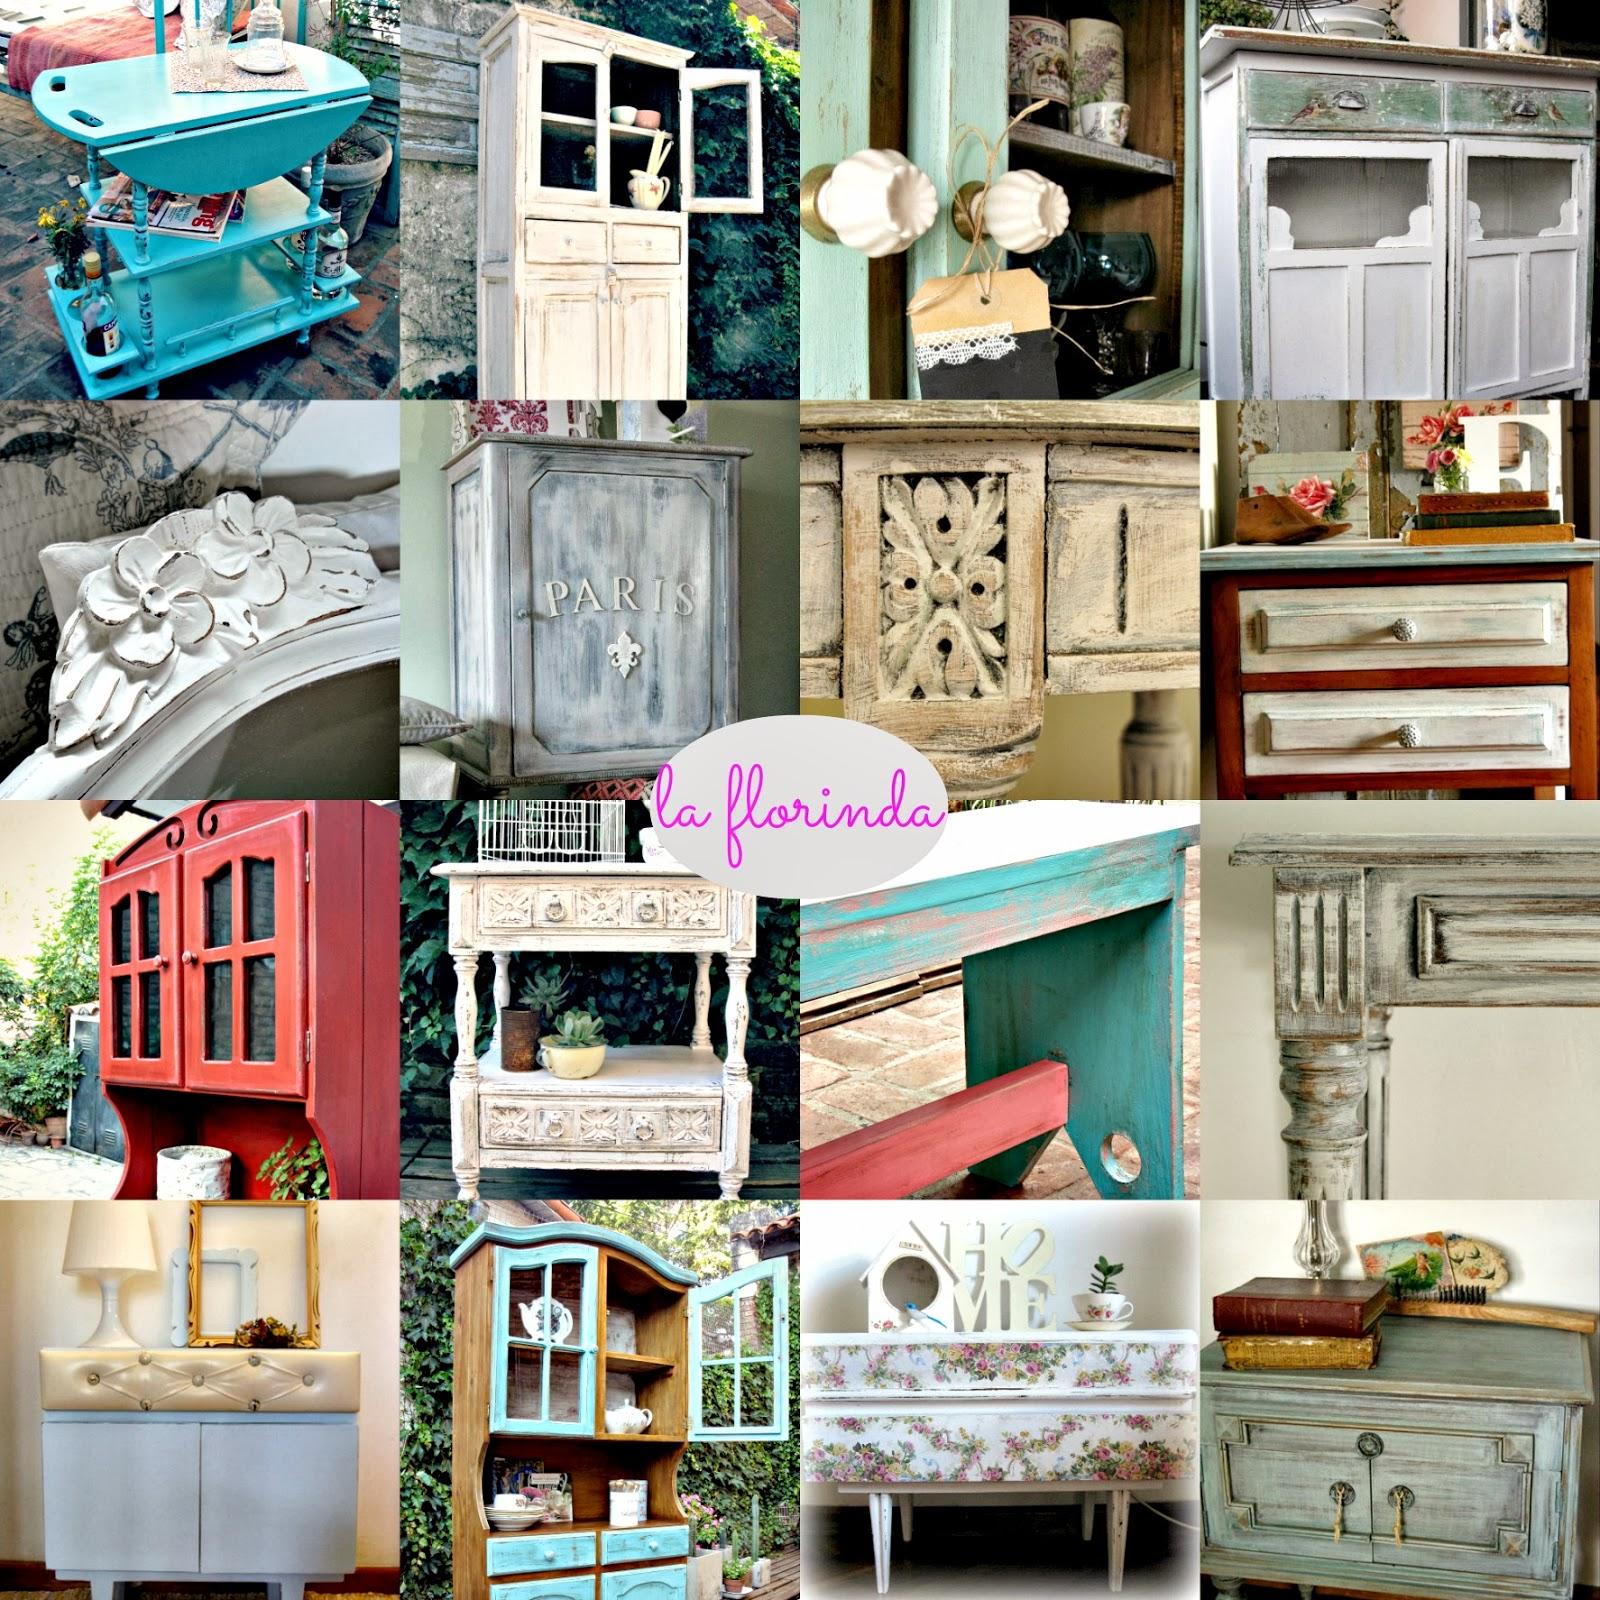 Tienda la florinda reciclaje y recuperaci n de objetos y for Reciclado de muebles y objetos